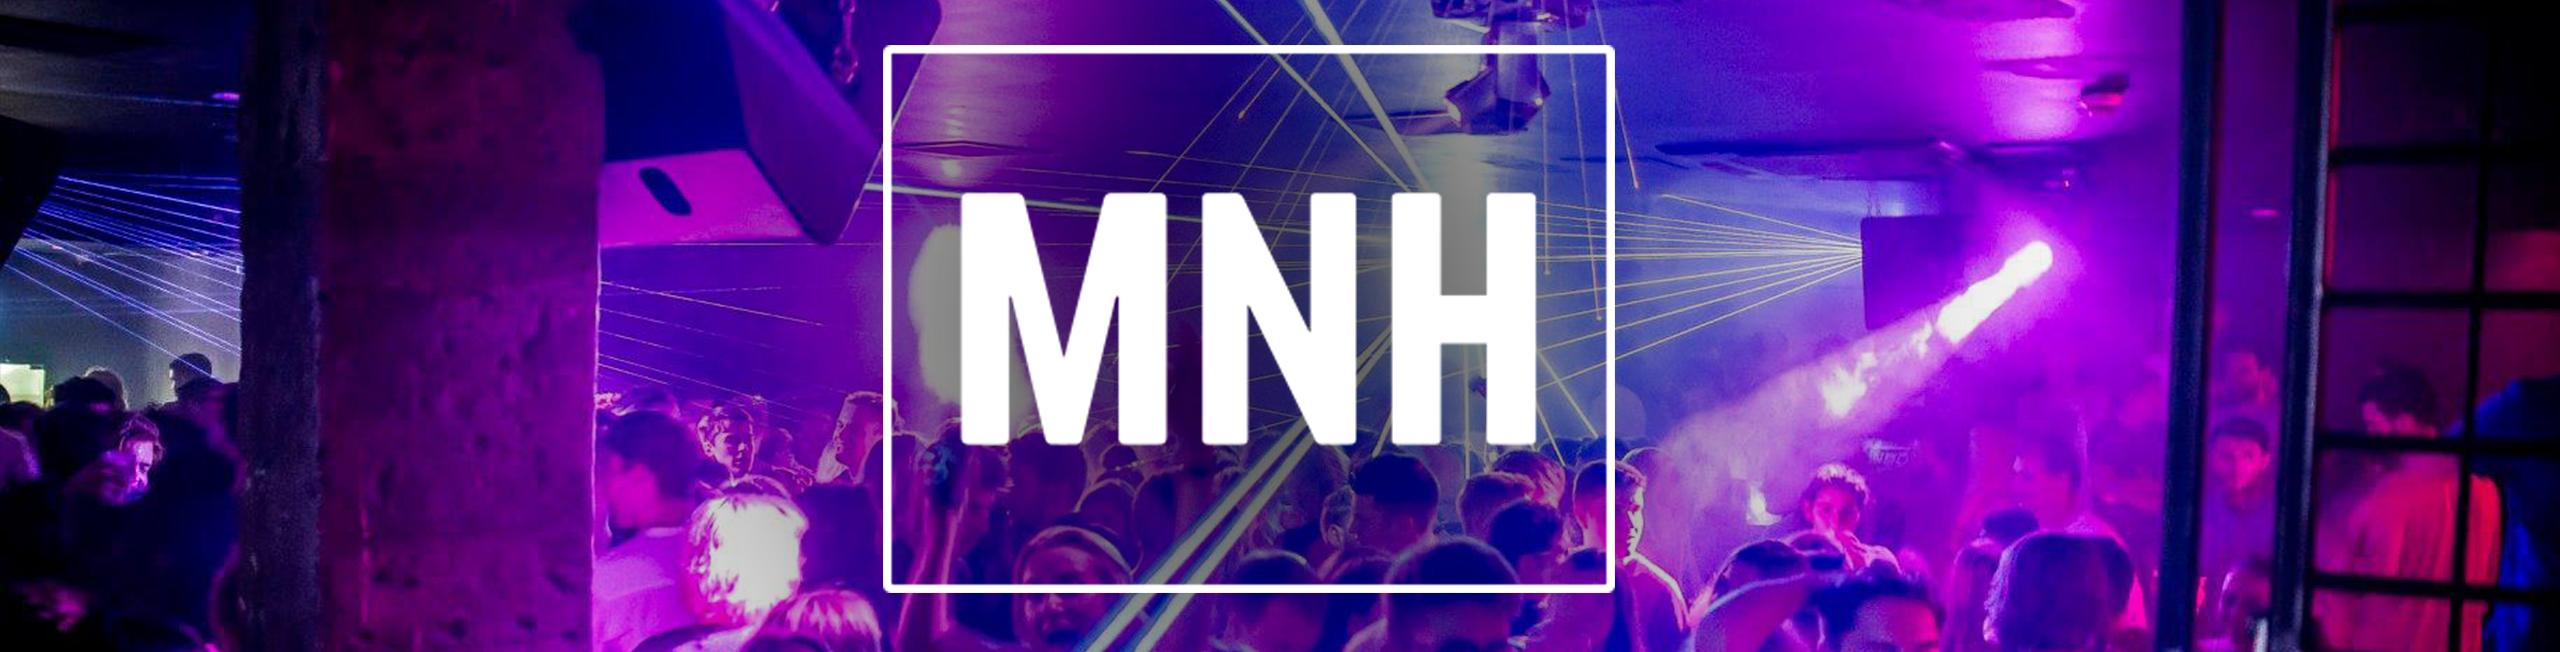 mnh-homepage2